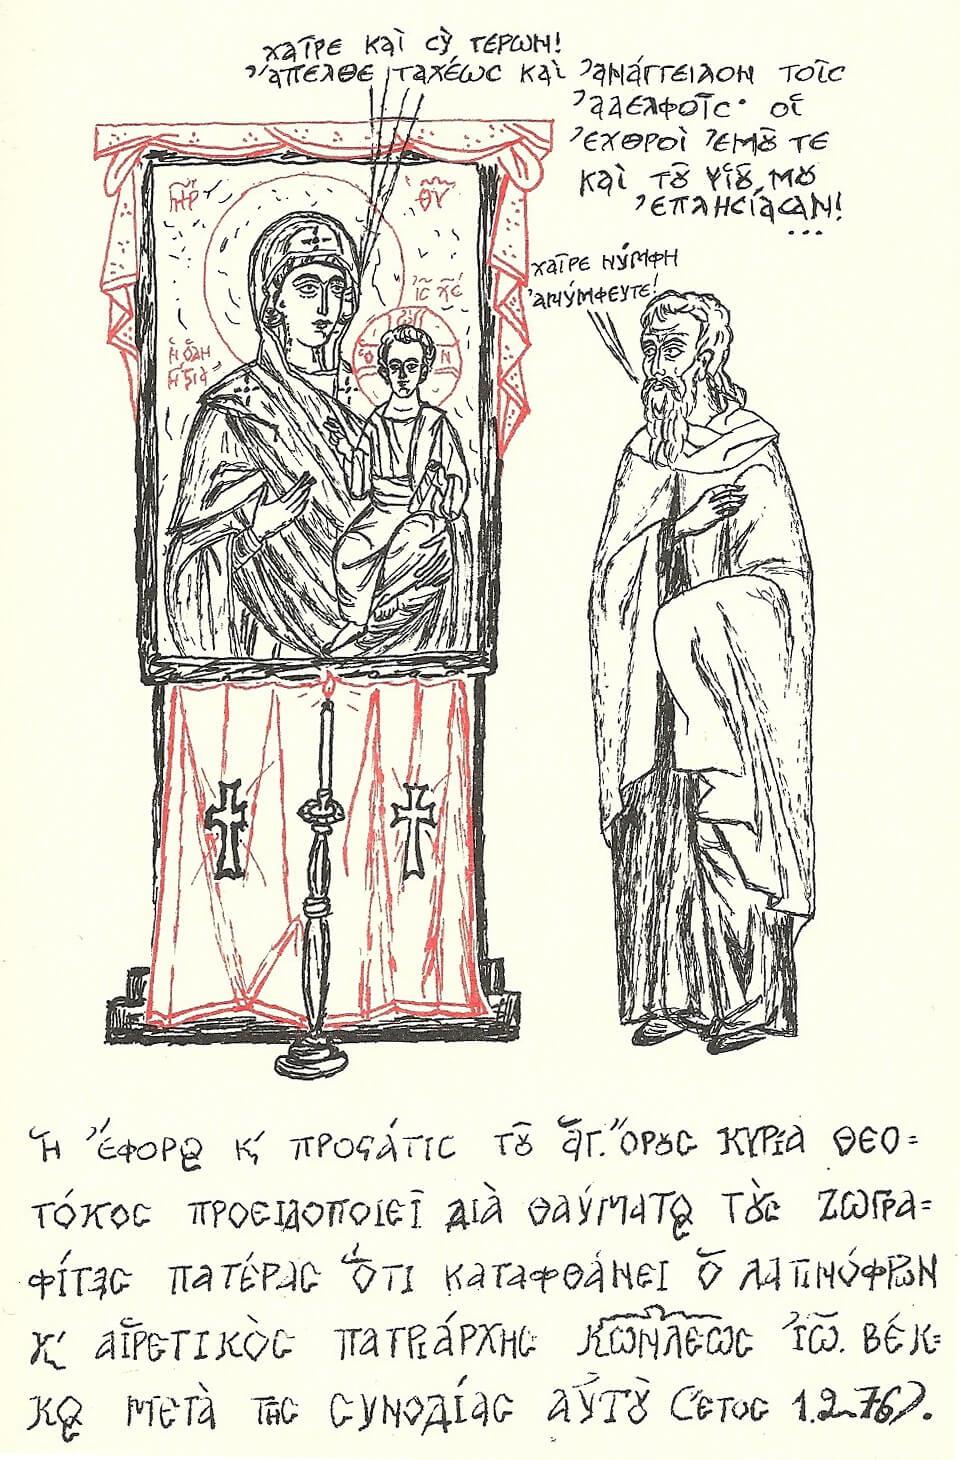 Άγιοι Οσιομάρτυρες Ζωγραφίτες Πατέρες υπό Λατινοφρόνων αναιρεθέντες.jpg